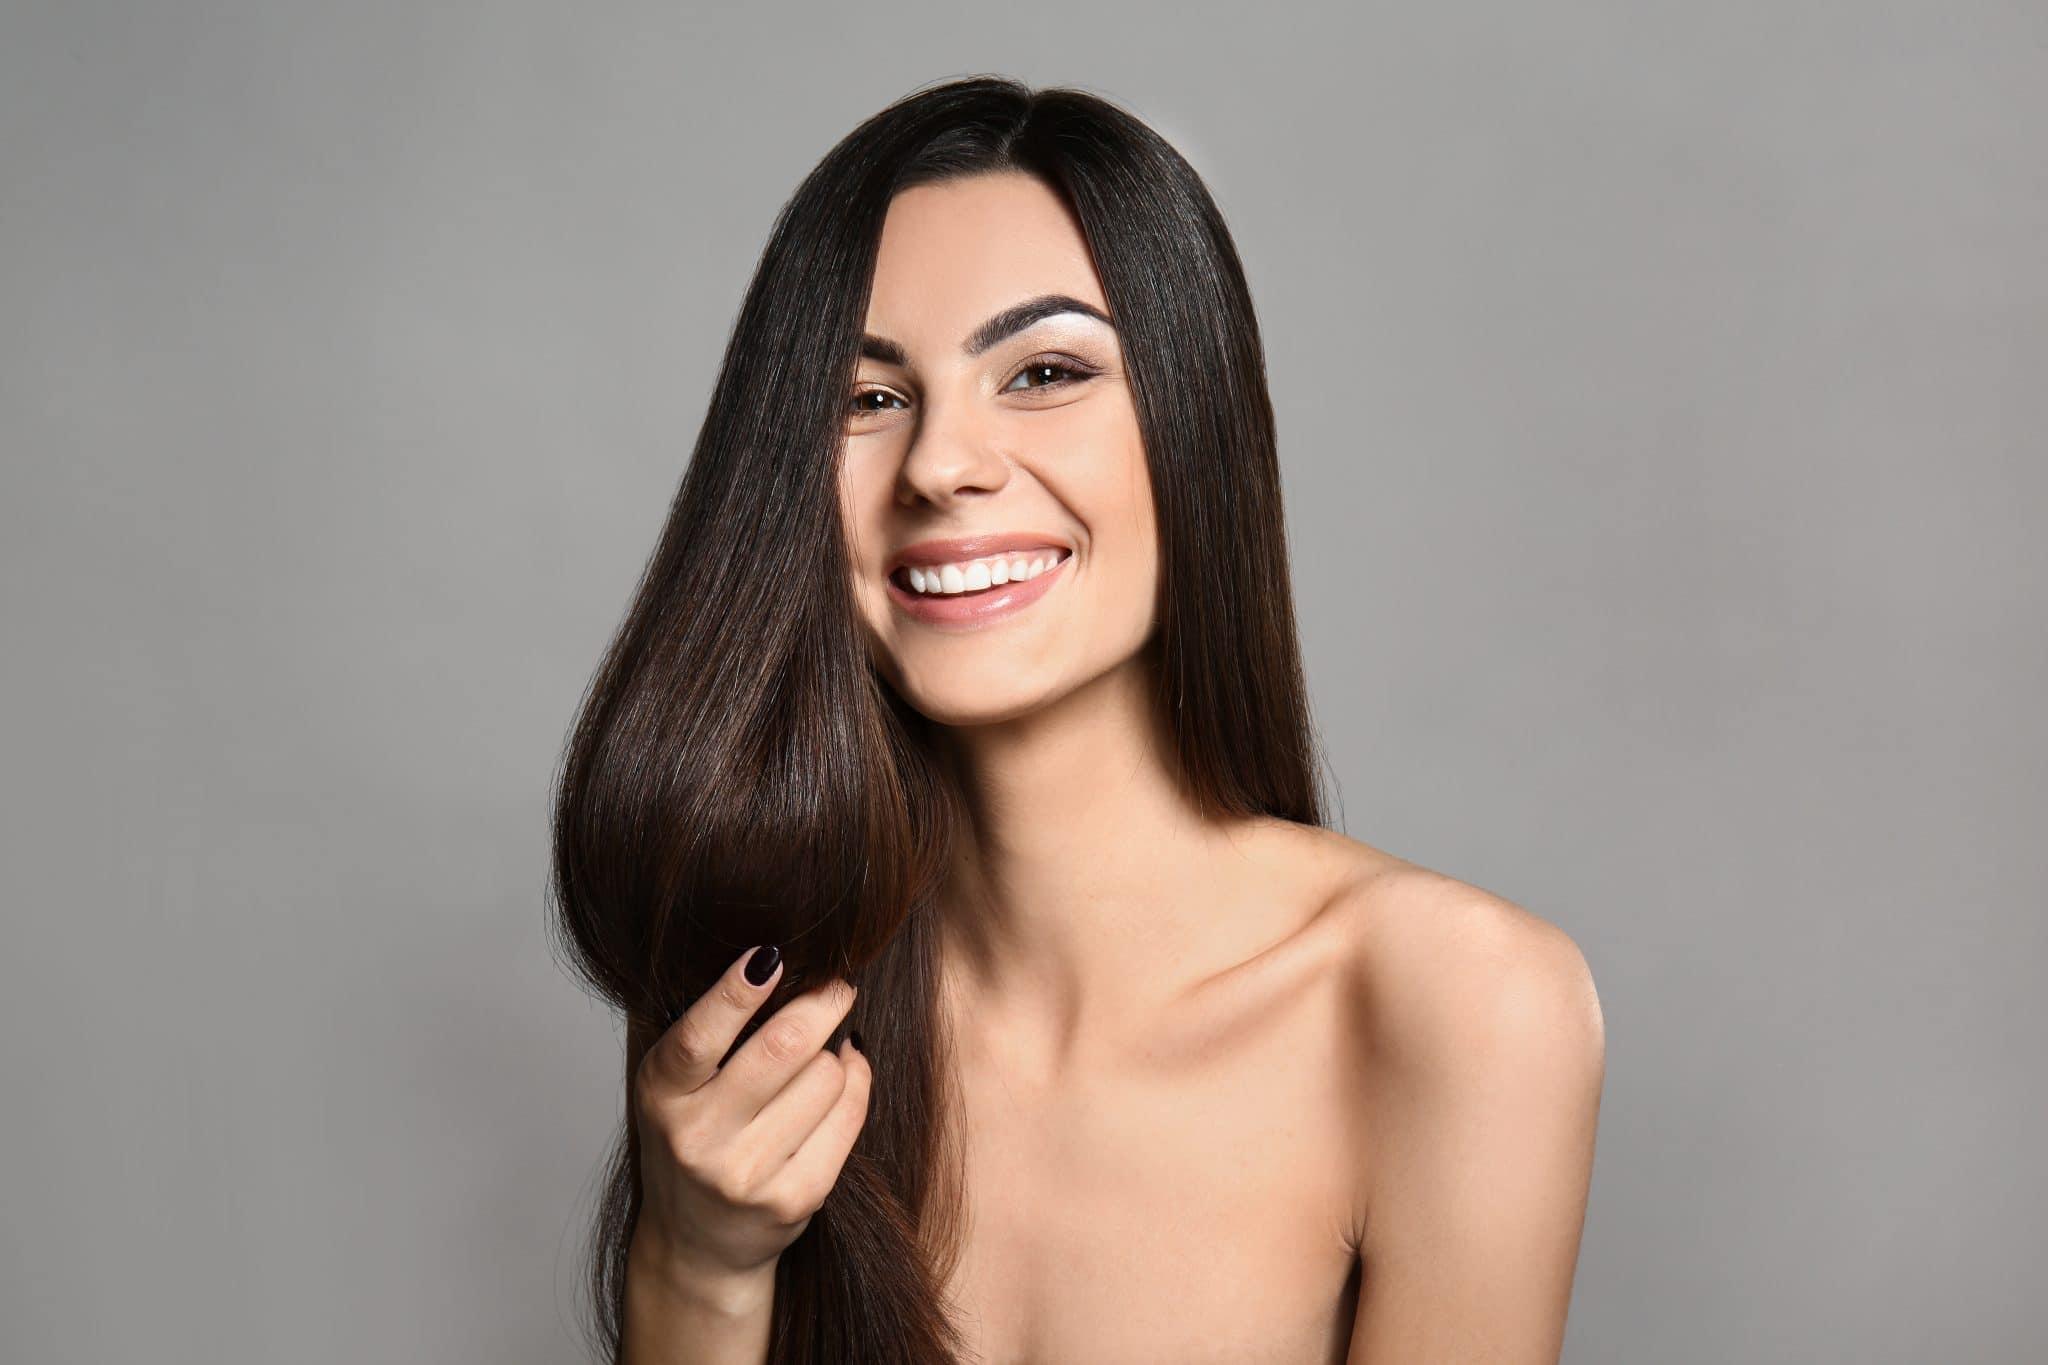 Conseils beauté : tout sur les techniques de lissage capillaire !